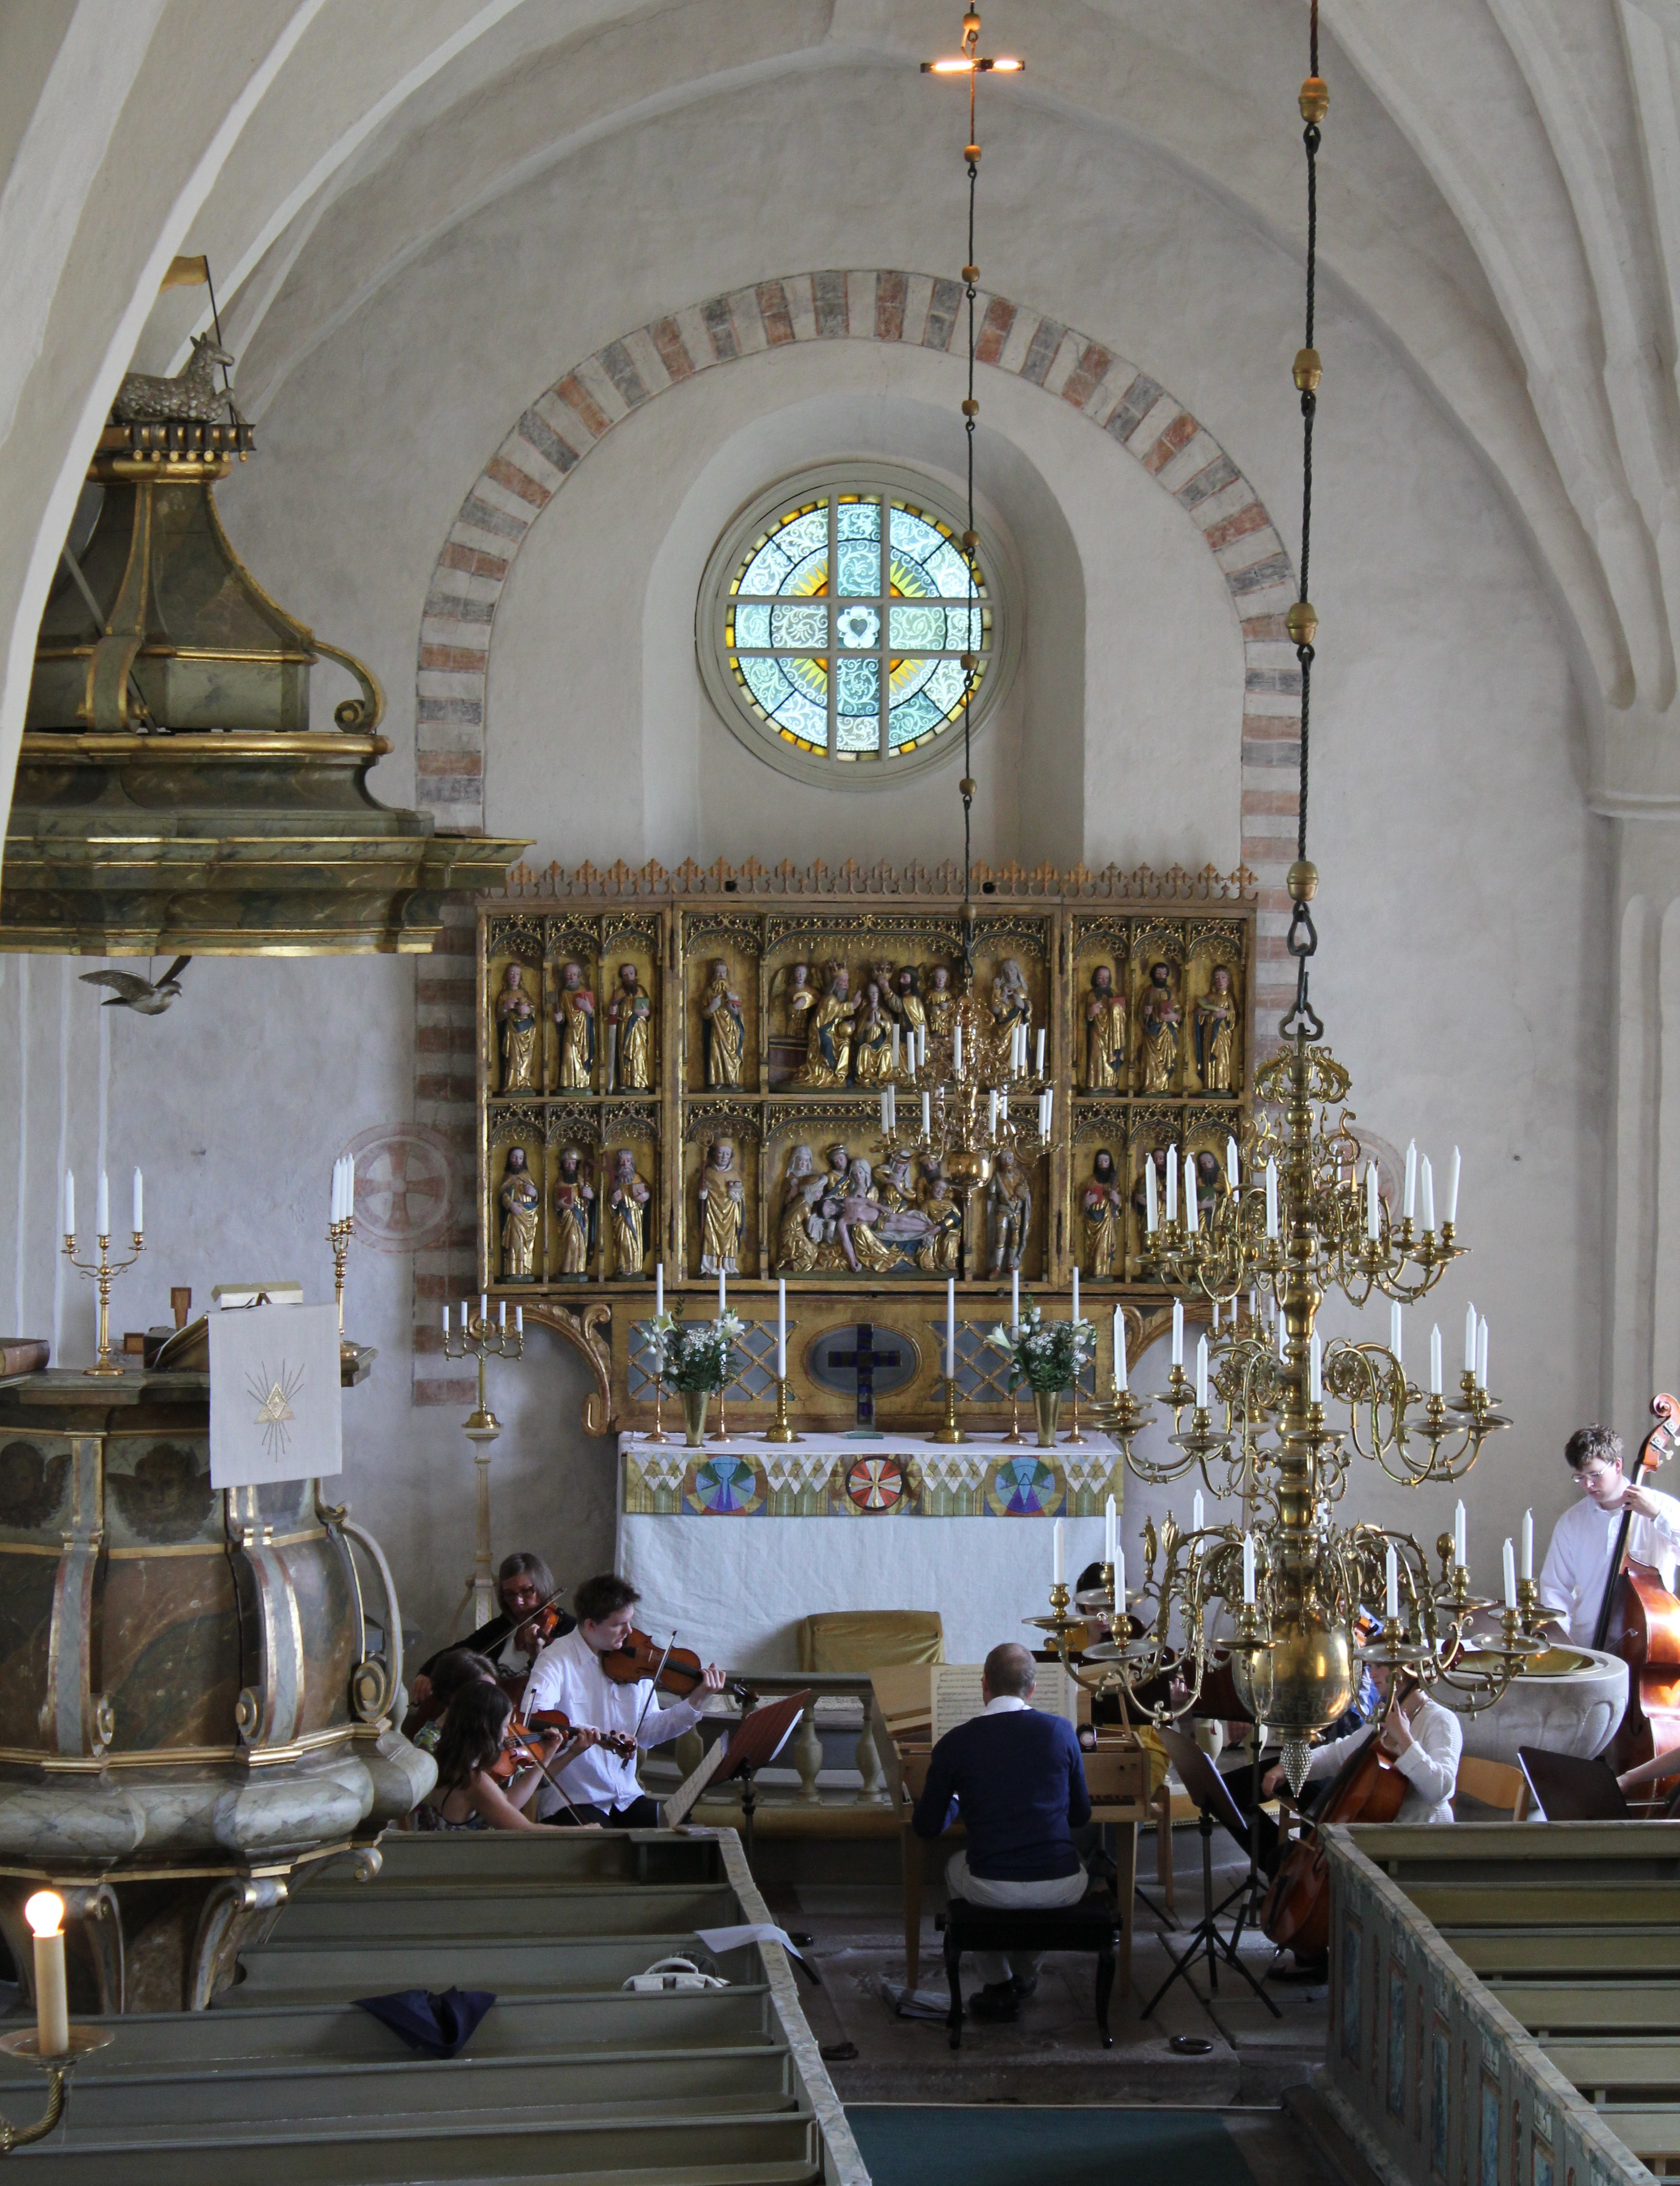 Fil:Boglsa kyrka, garagesale24.net Wikipedia